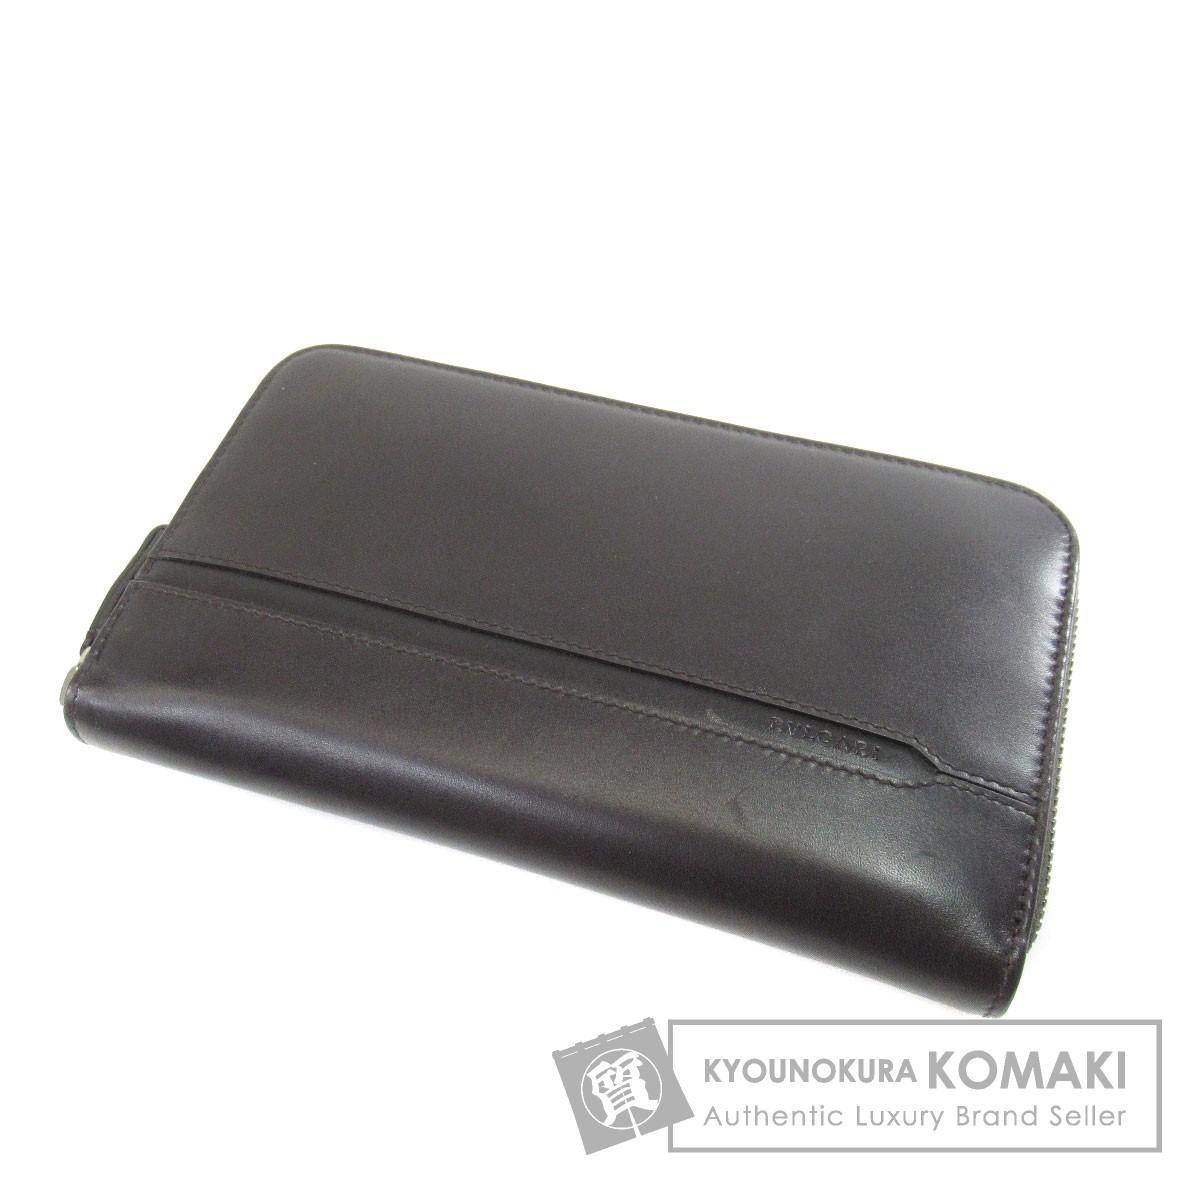 BVLGARI ロゴモチーフ 長財布(小銭入れあり) レザー レディース 【中古】【ブルガリ】